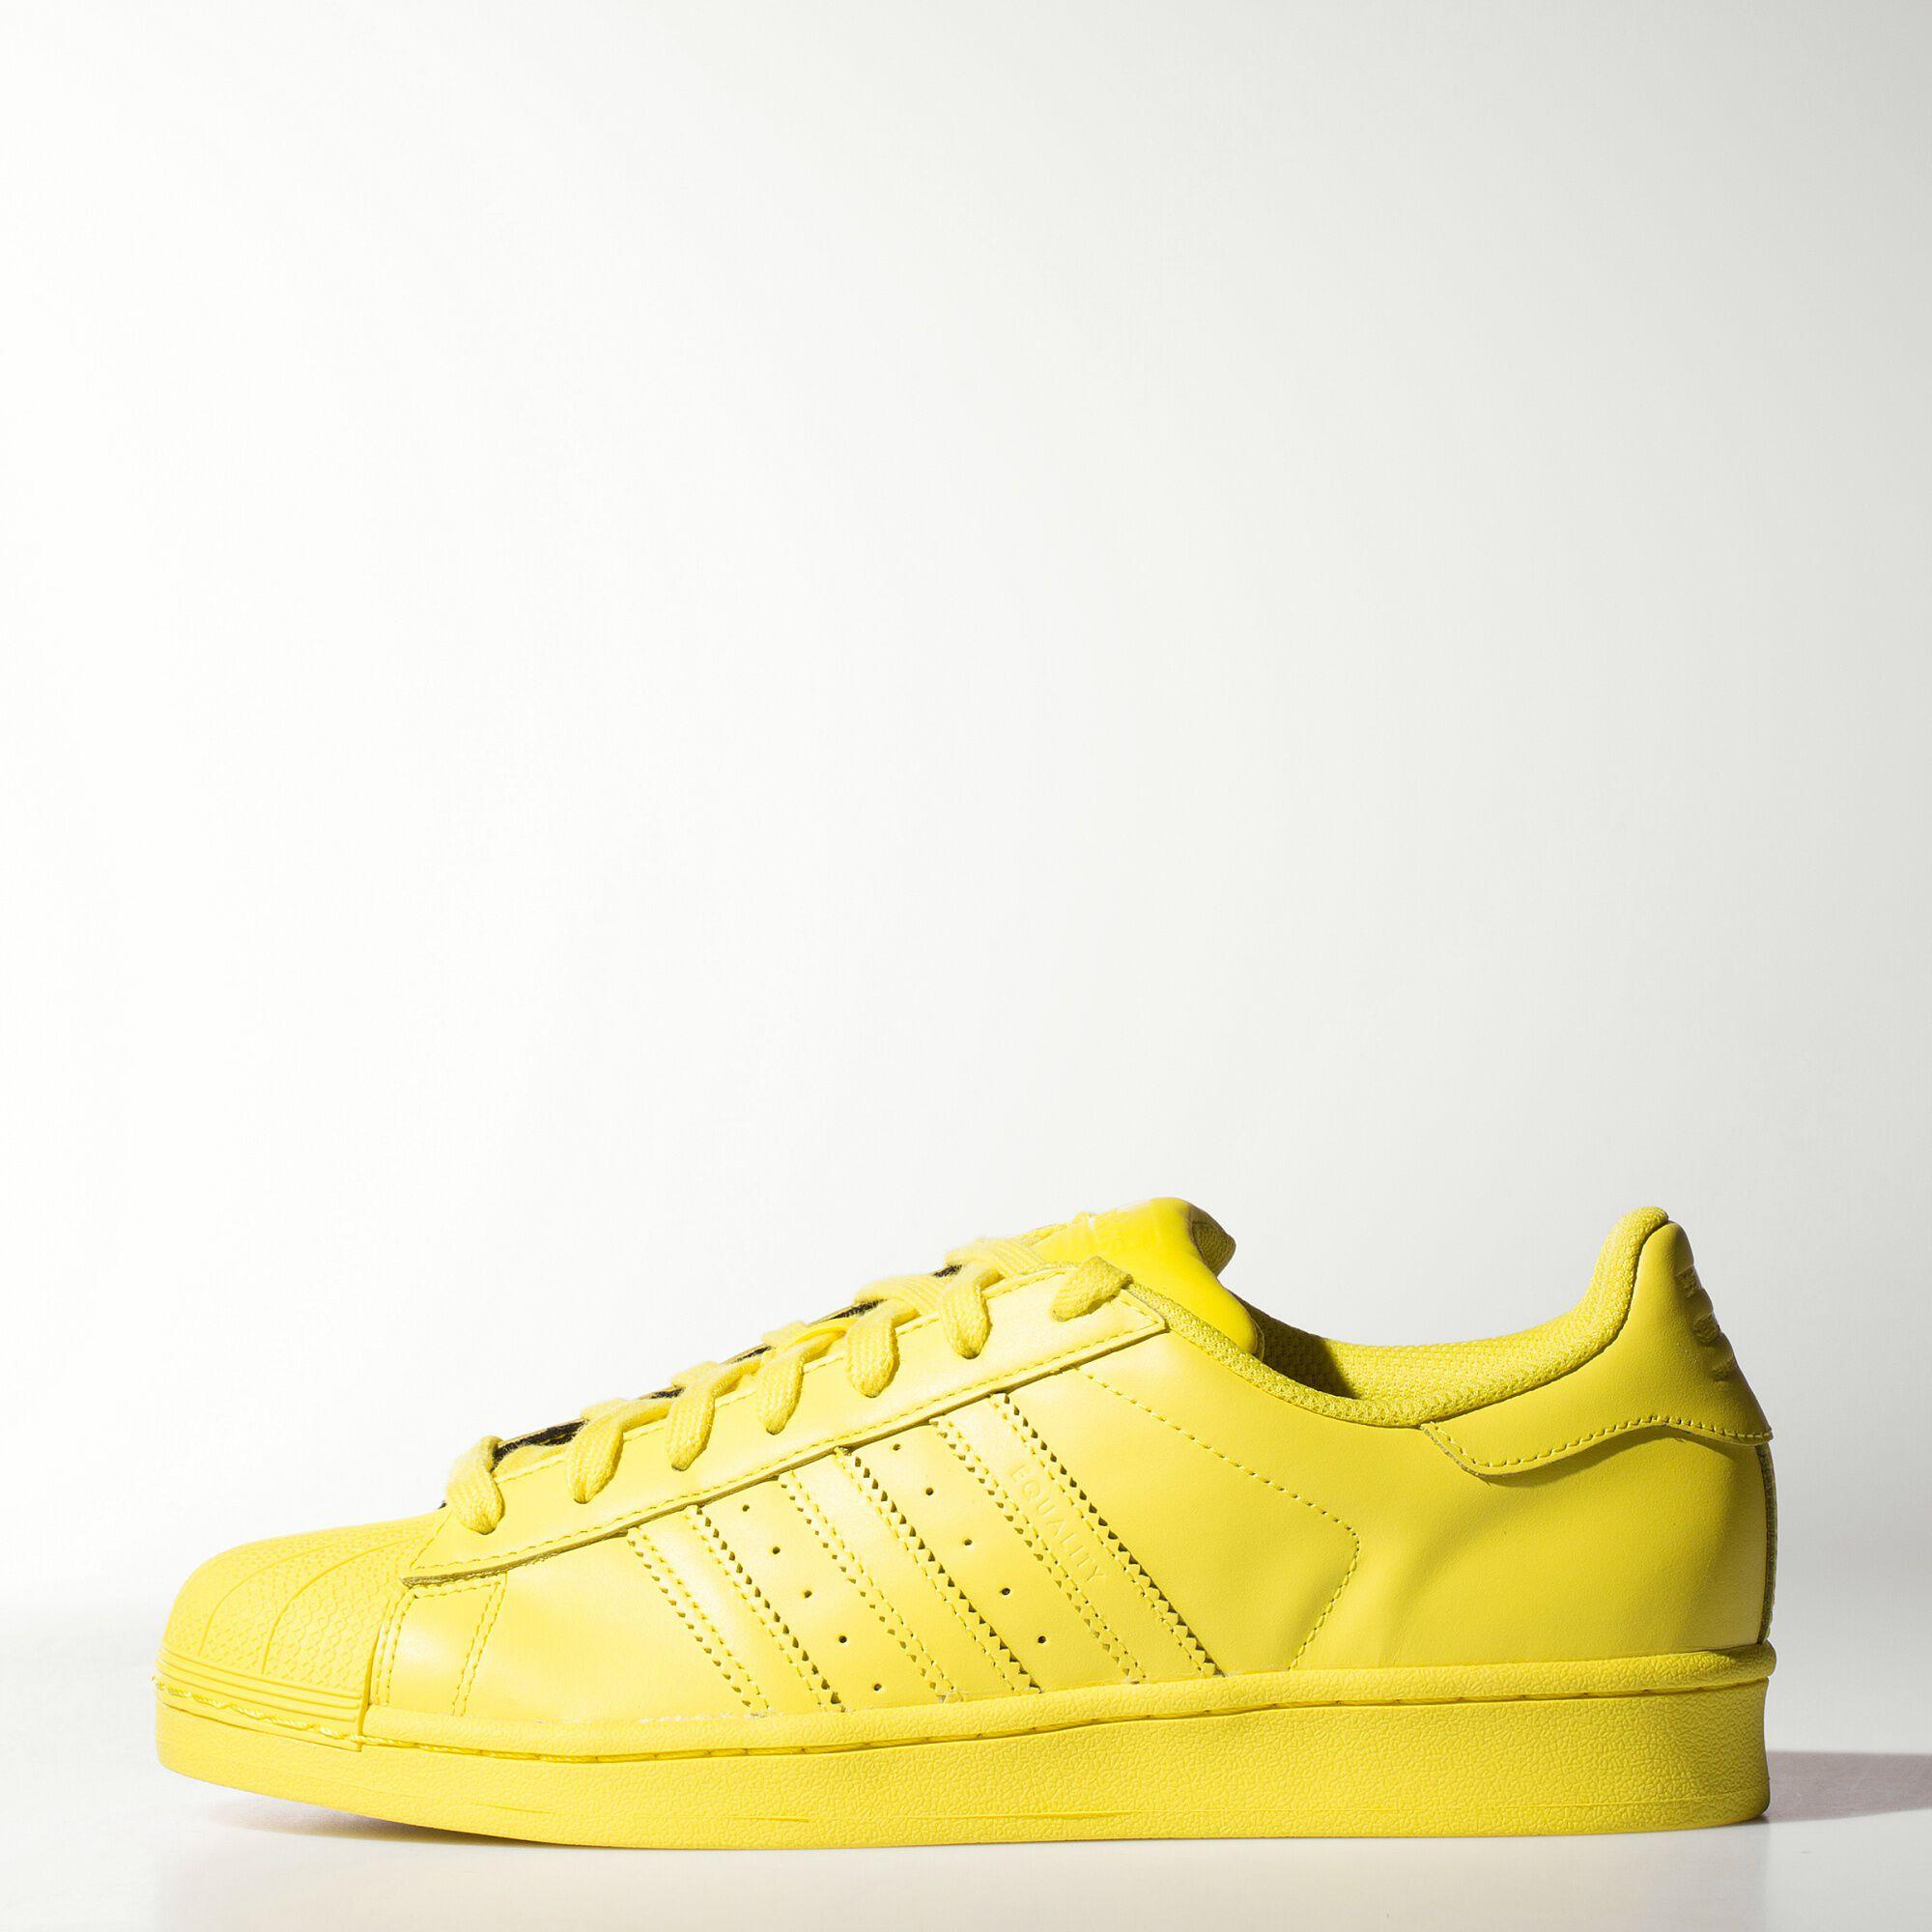 zapatillas adidas superstar hombre amarillas